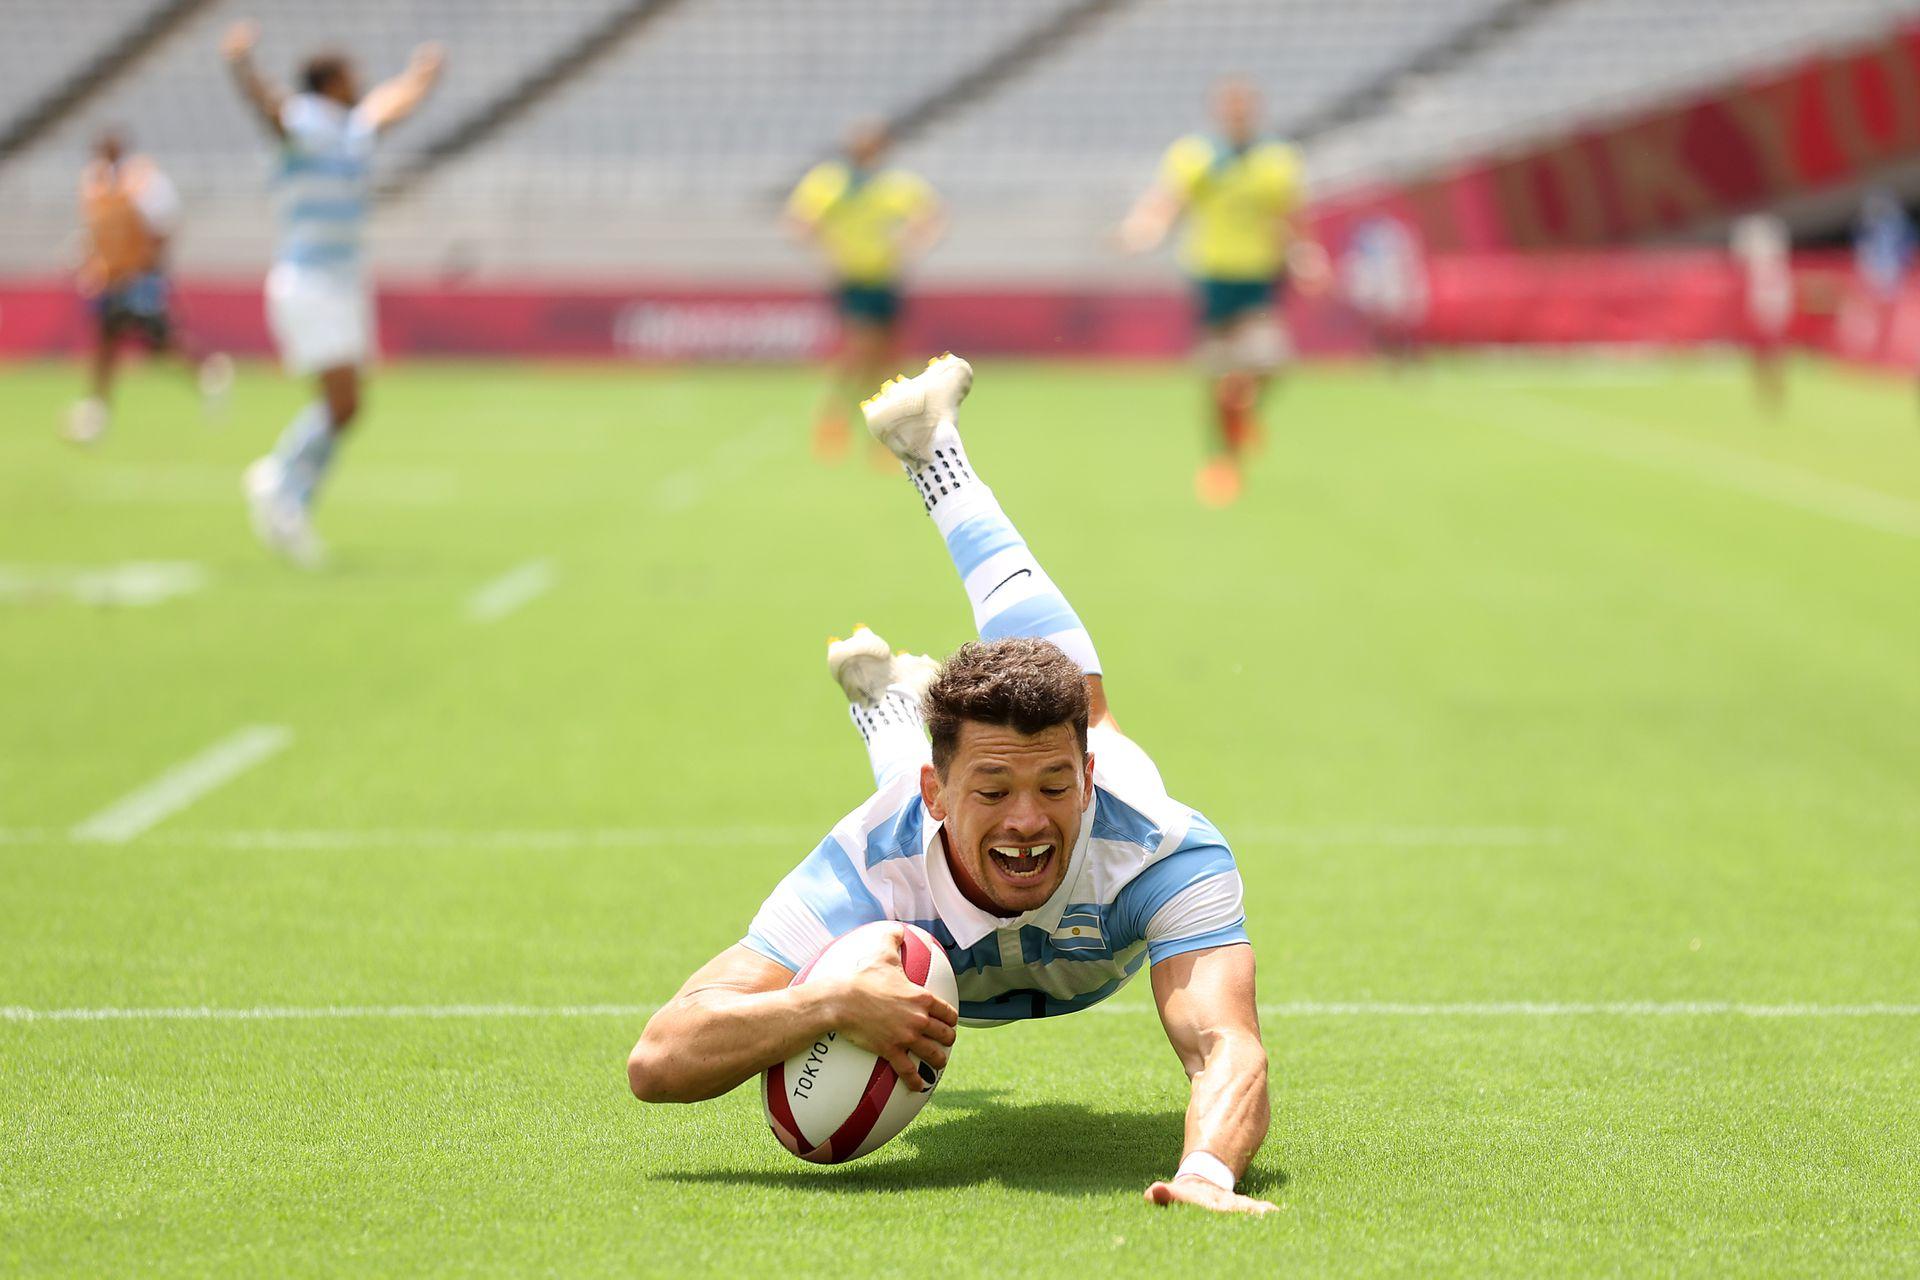 Lautaro Bazan Velez, del Team Argentina, prueba el tercer día de los Juegos Olímpicos de Tokio 2020 en el Estadio de Tokio el 26 de julio de 2021 en Chofu, Tokio, Japón.